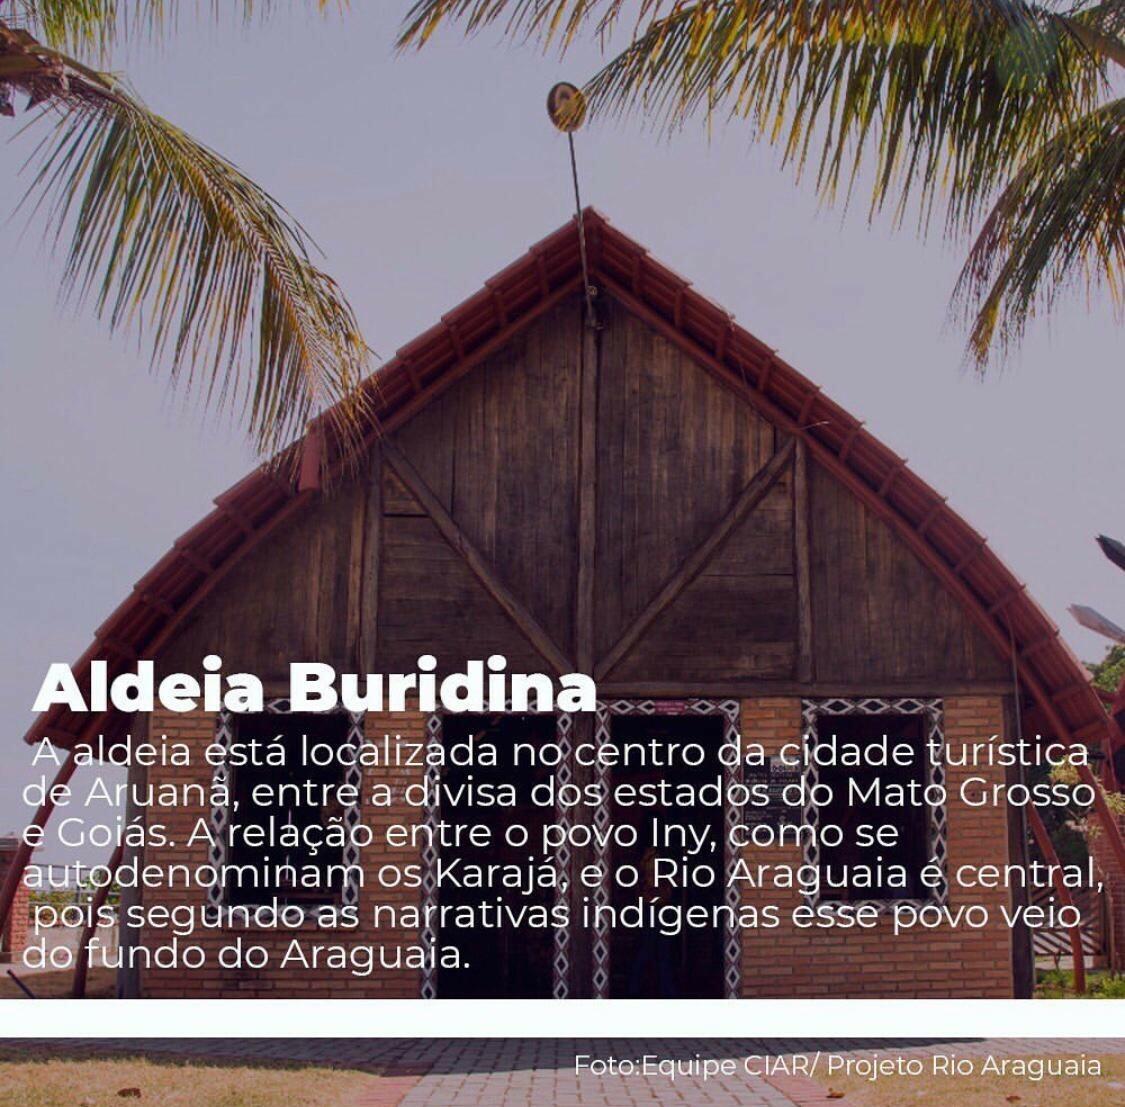 Aldeia Buridina